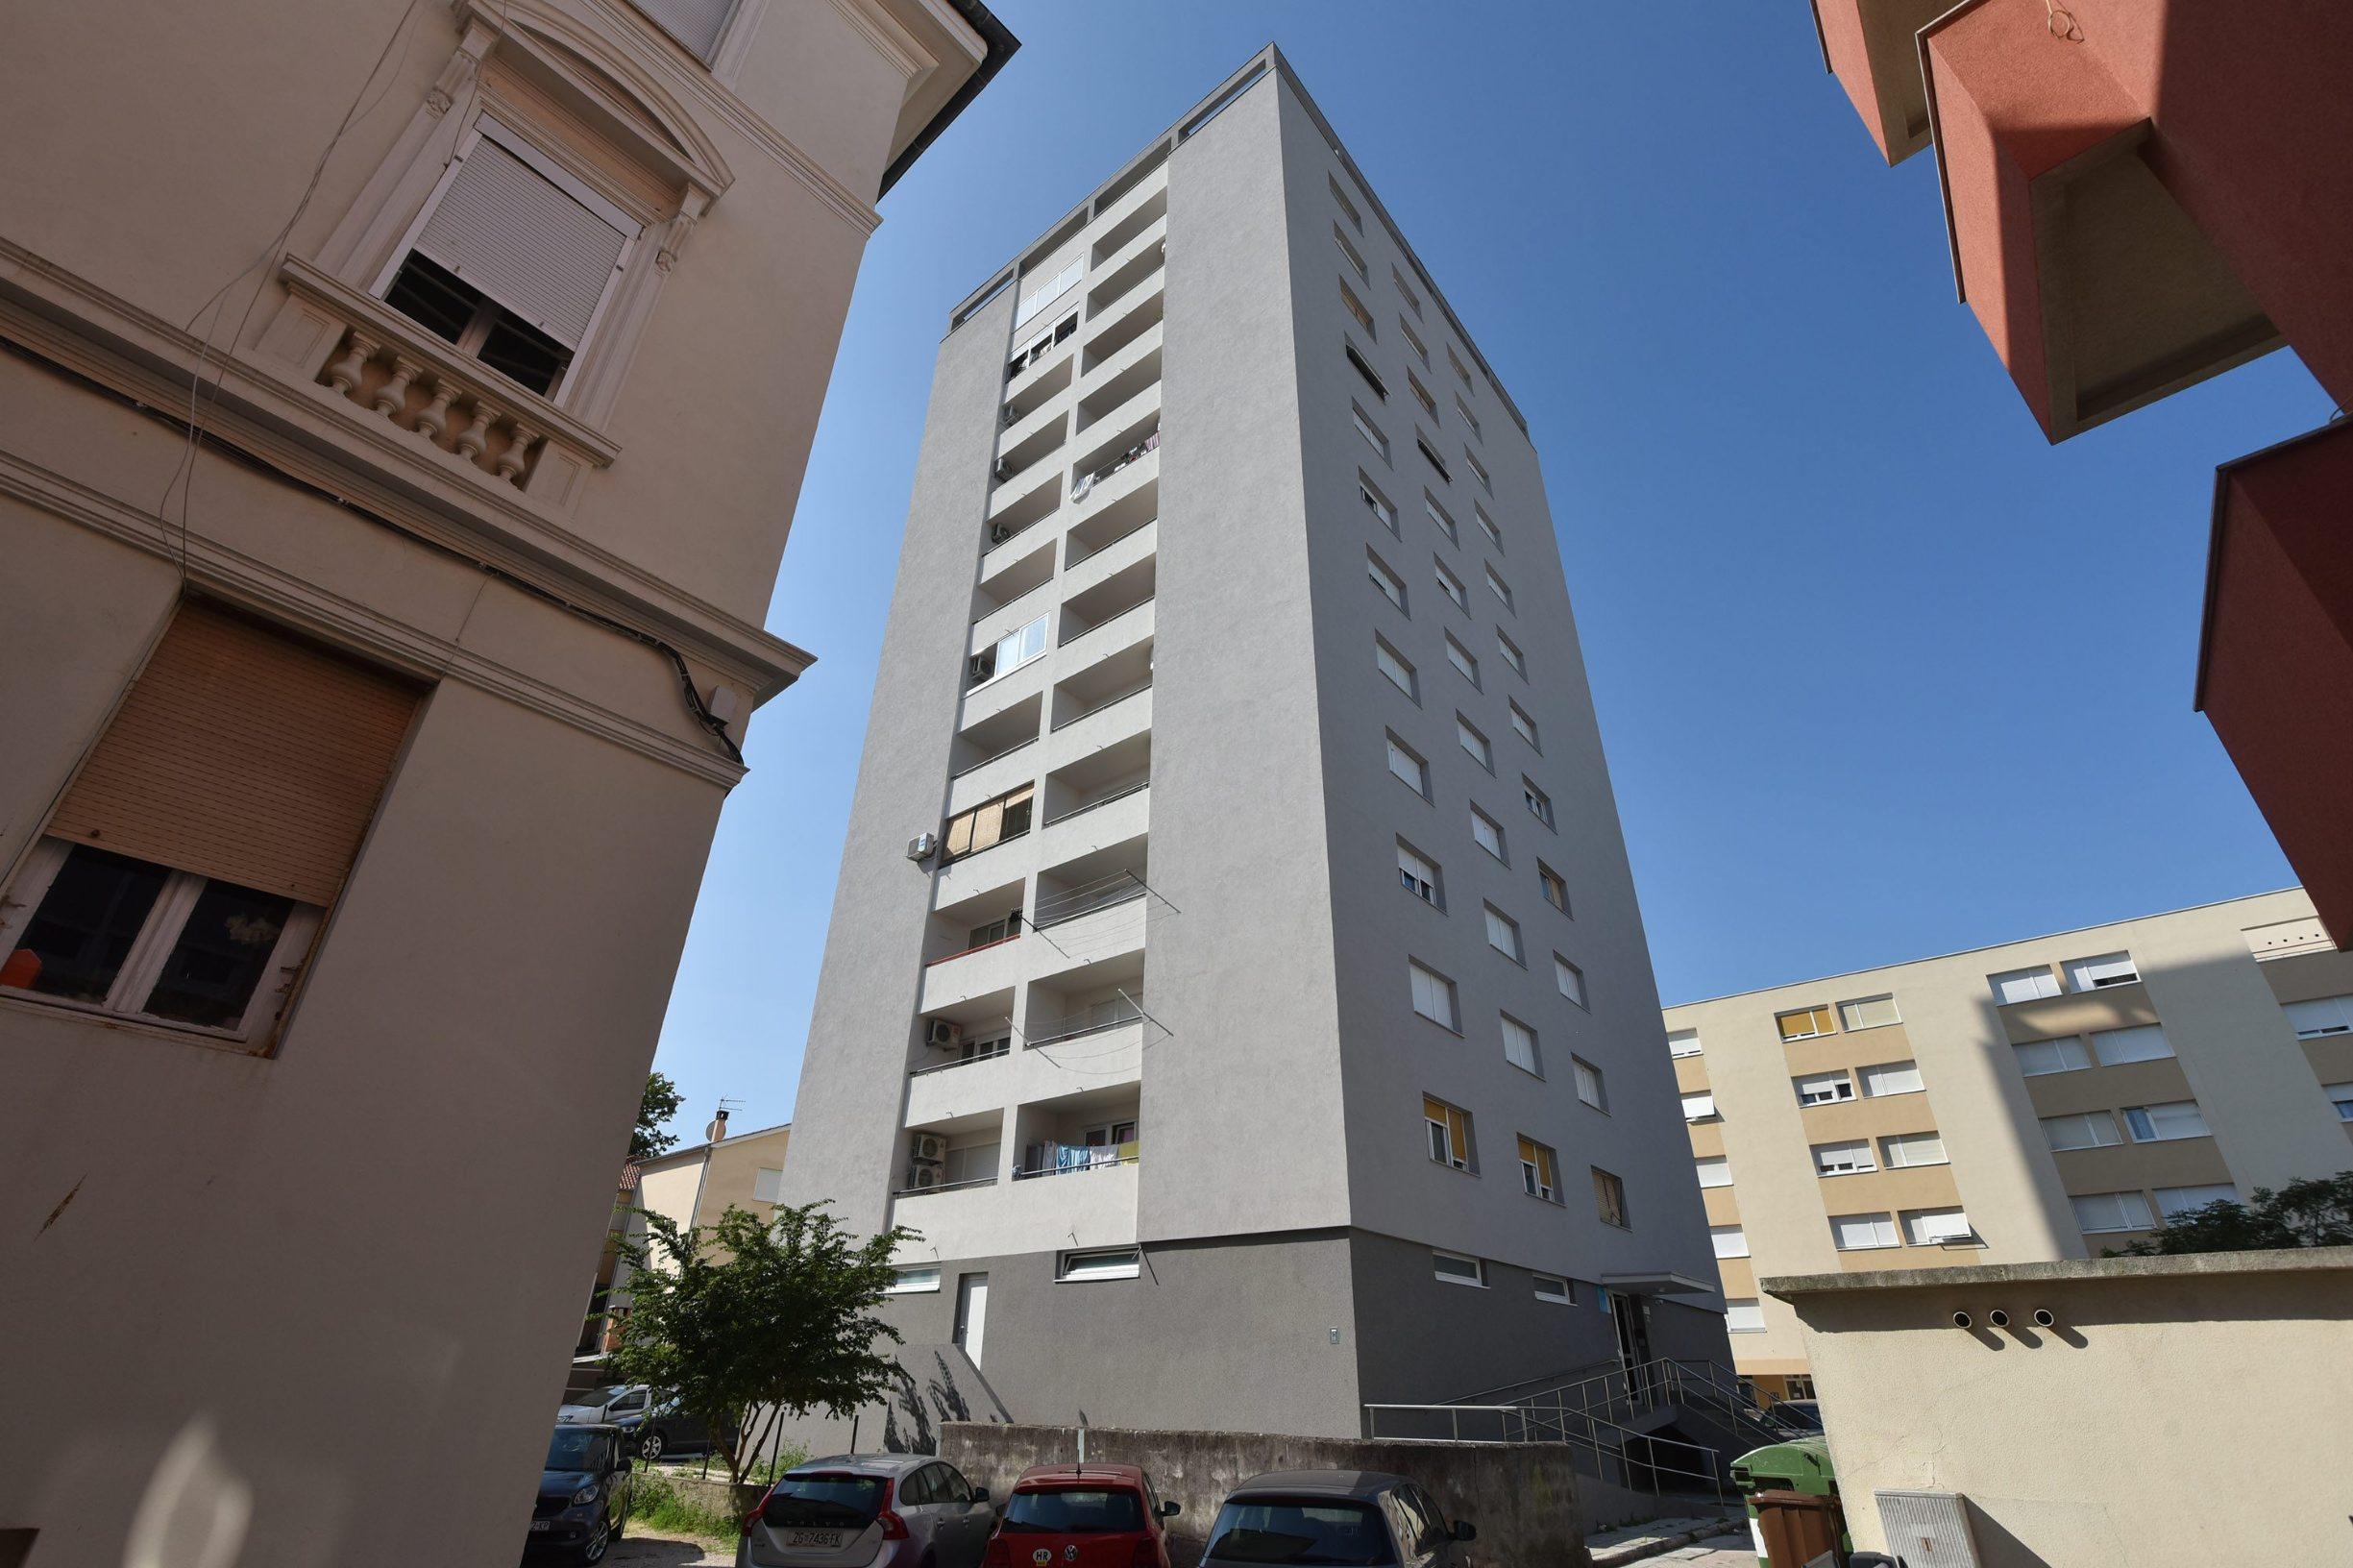 Zadar, 160719. Jutros je iz stana u neboderu na zadarskoj Relji deloziran Lorenzo Zalovic, Zadranin koji smatra da je prevaren prilikom kupnje stana. Foto: Luka Gerlanc / CROPIX